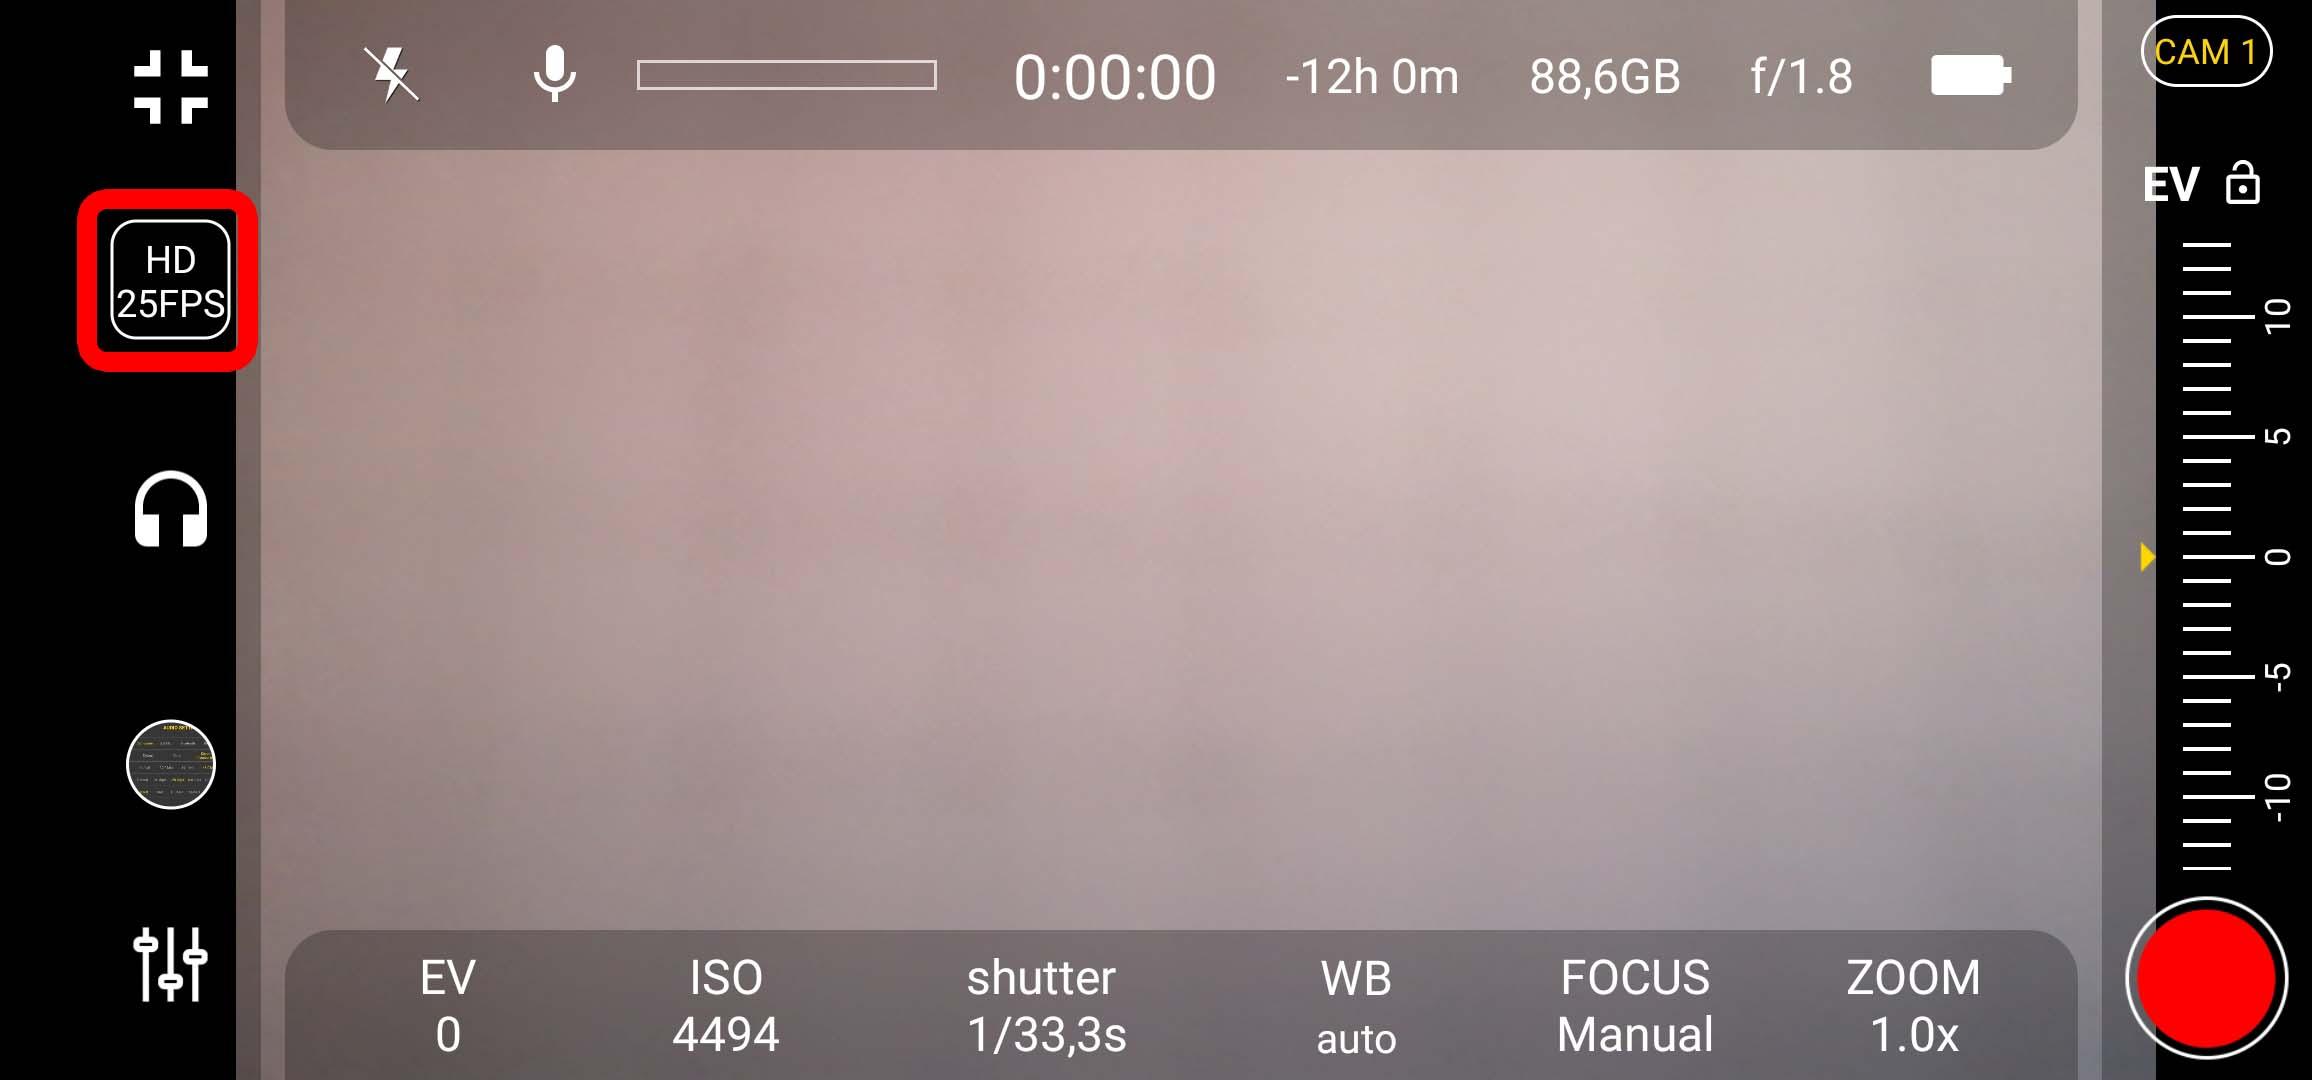 4k Camera Pro - Button für Video-Settings